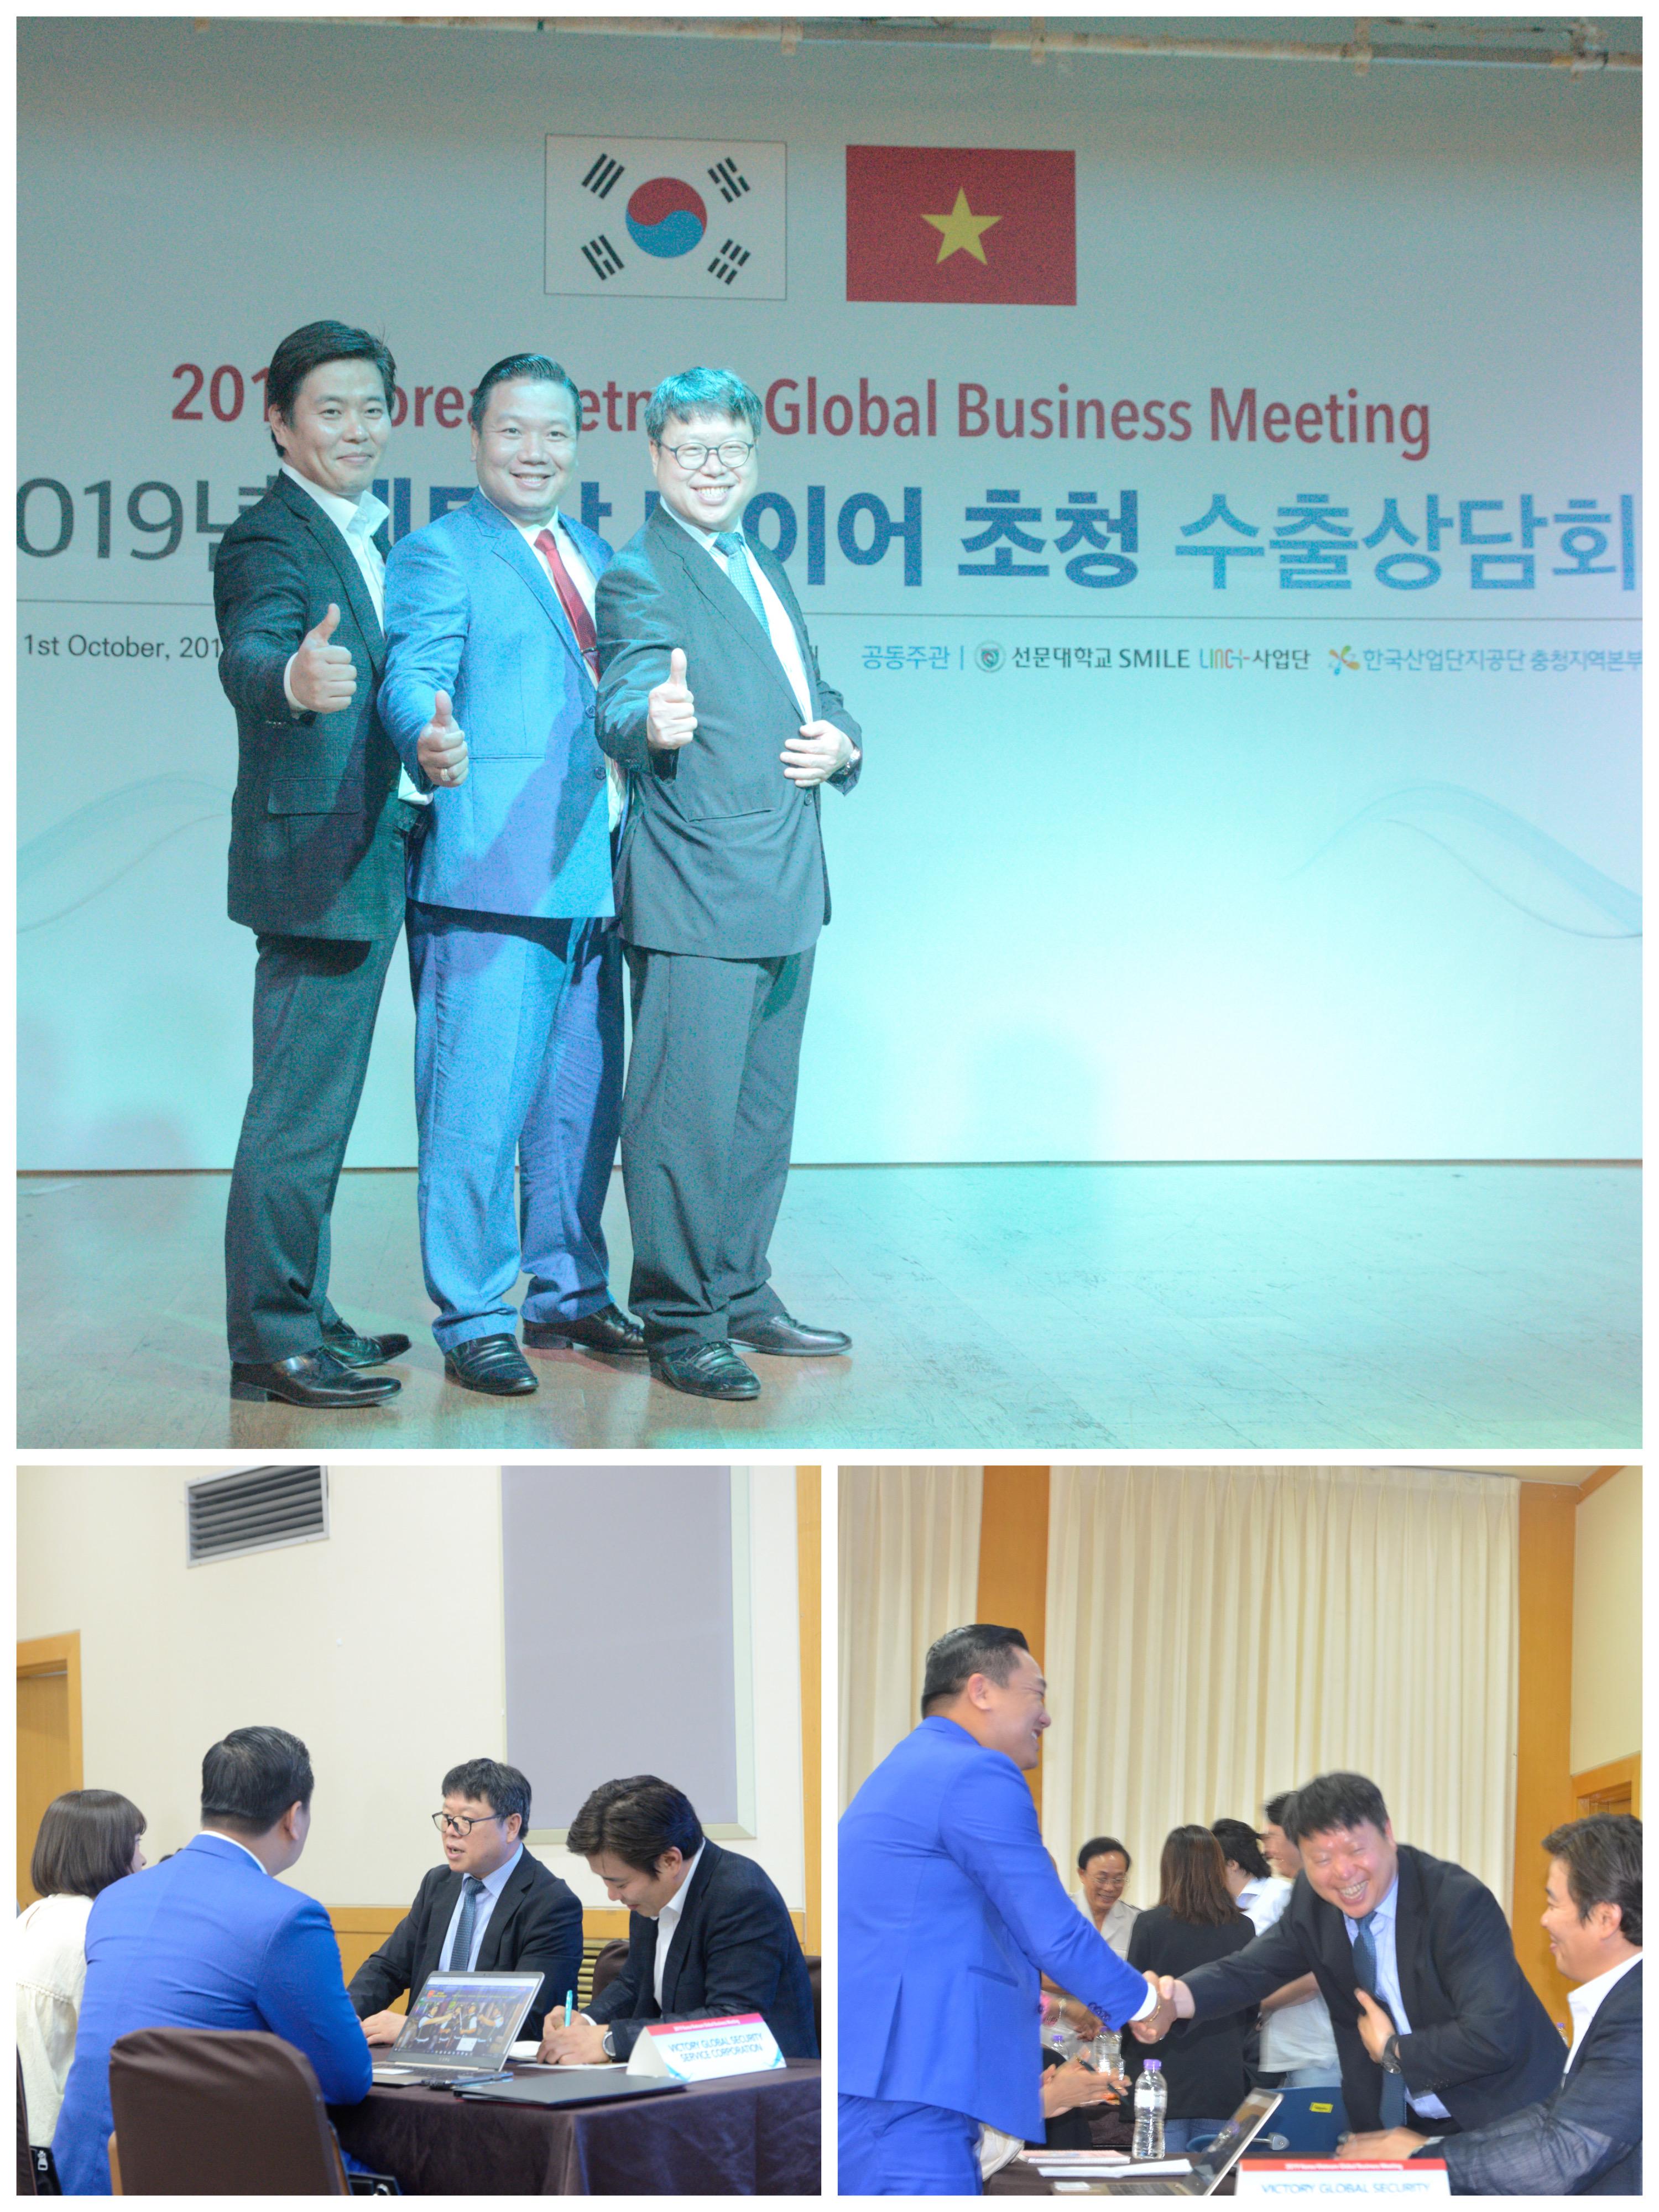 Thắng Lợi Toàn Cầu– VGS được vinh danh tại Hàn Quốc  - Ảnh 5